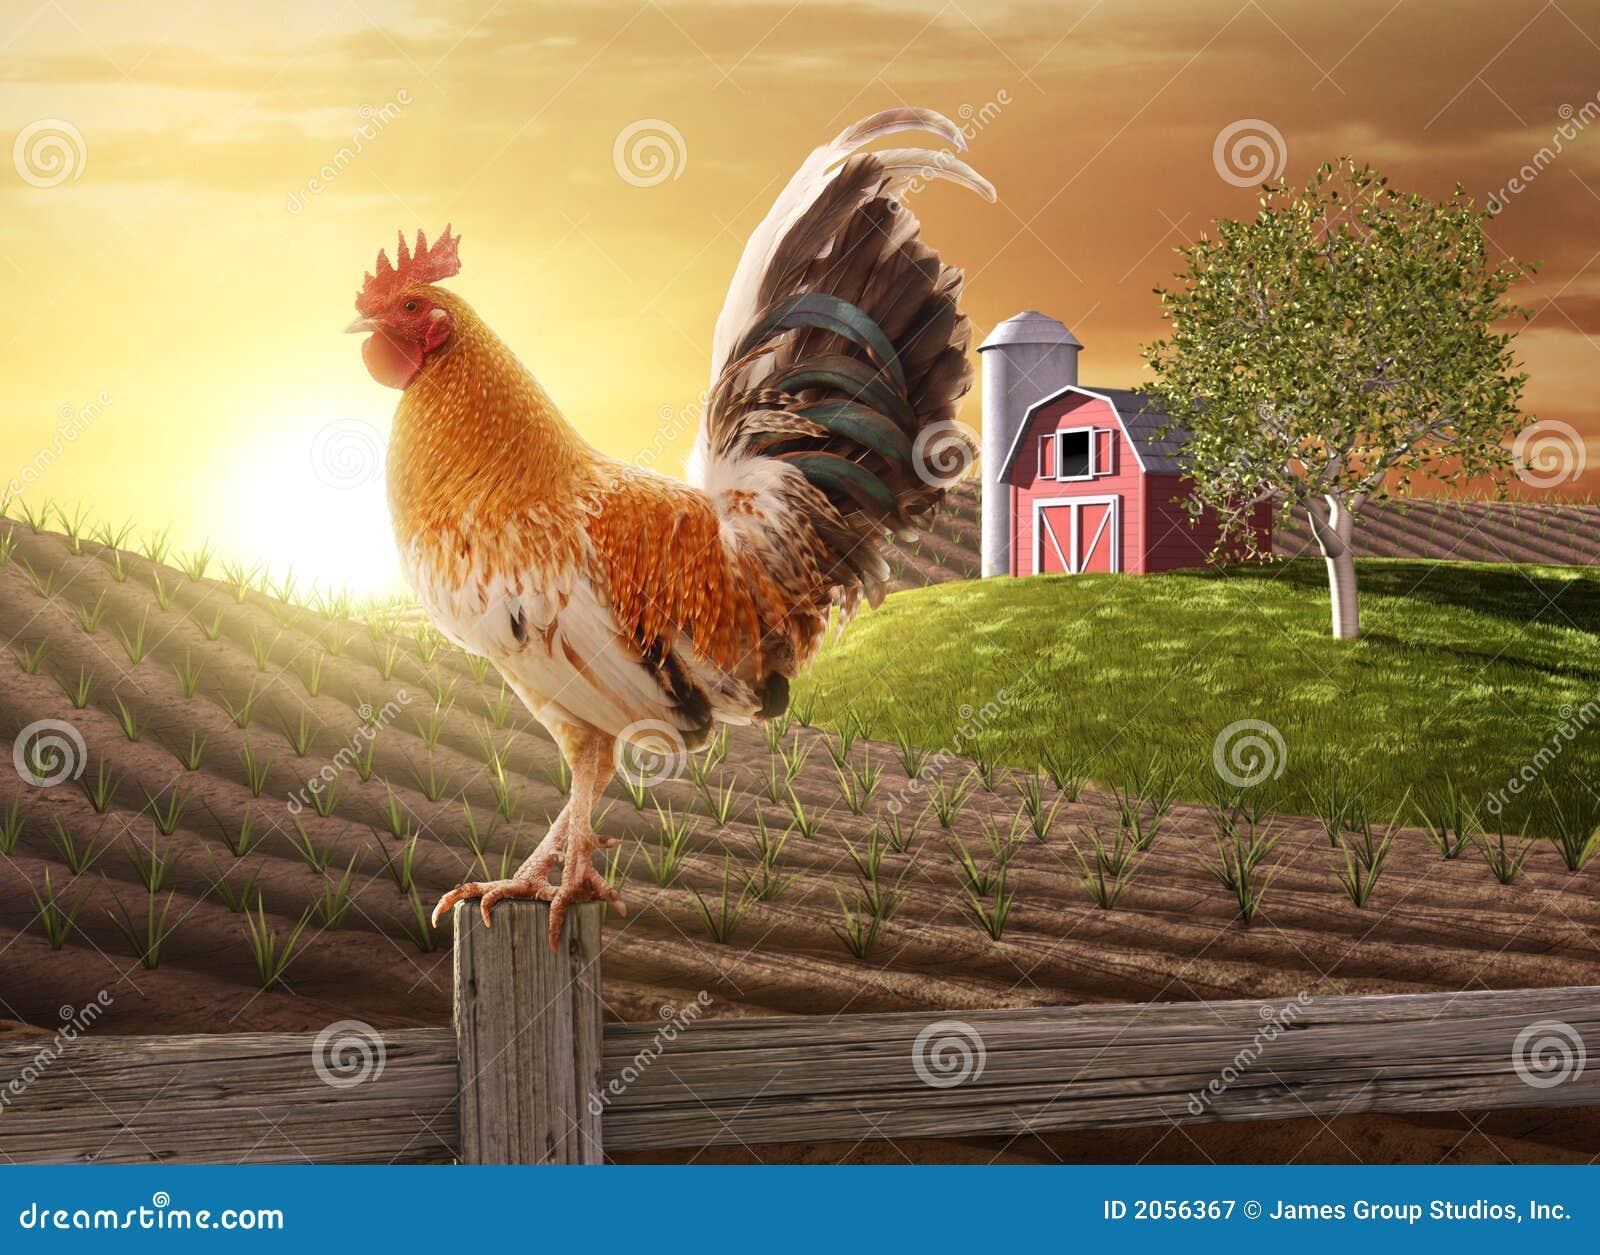 Neuer Morgen des Bauernhofes